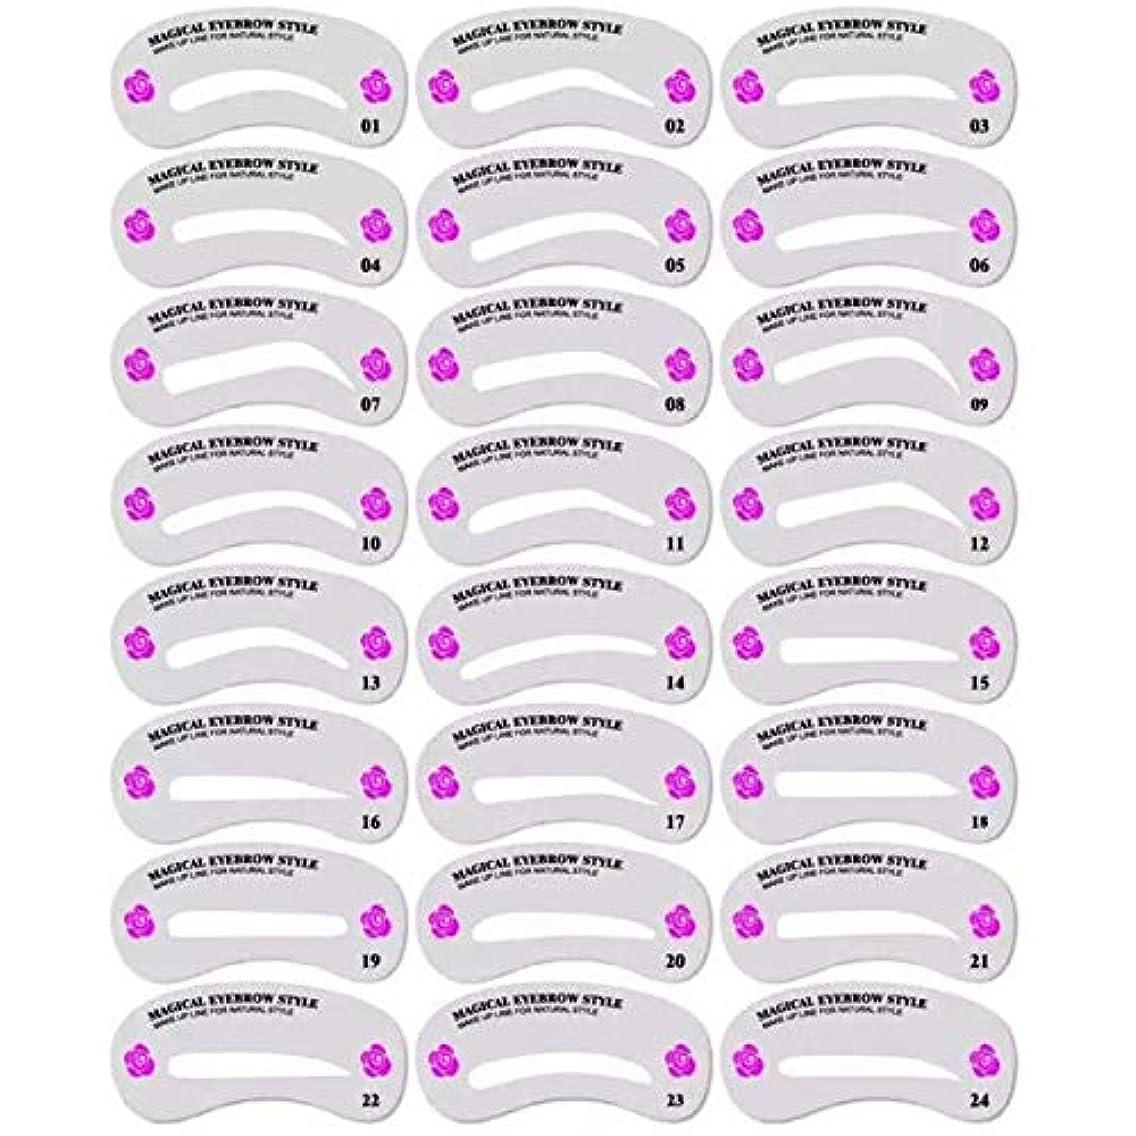 キャプチャー特徴づける哲学博士眉毛テンプレート 24種類 美容ツール メイクアップ ガイド 眉毛を気分で使い分け 男女兼用 (24枚セット)